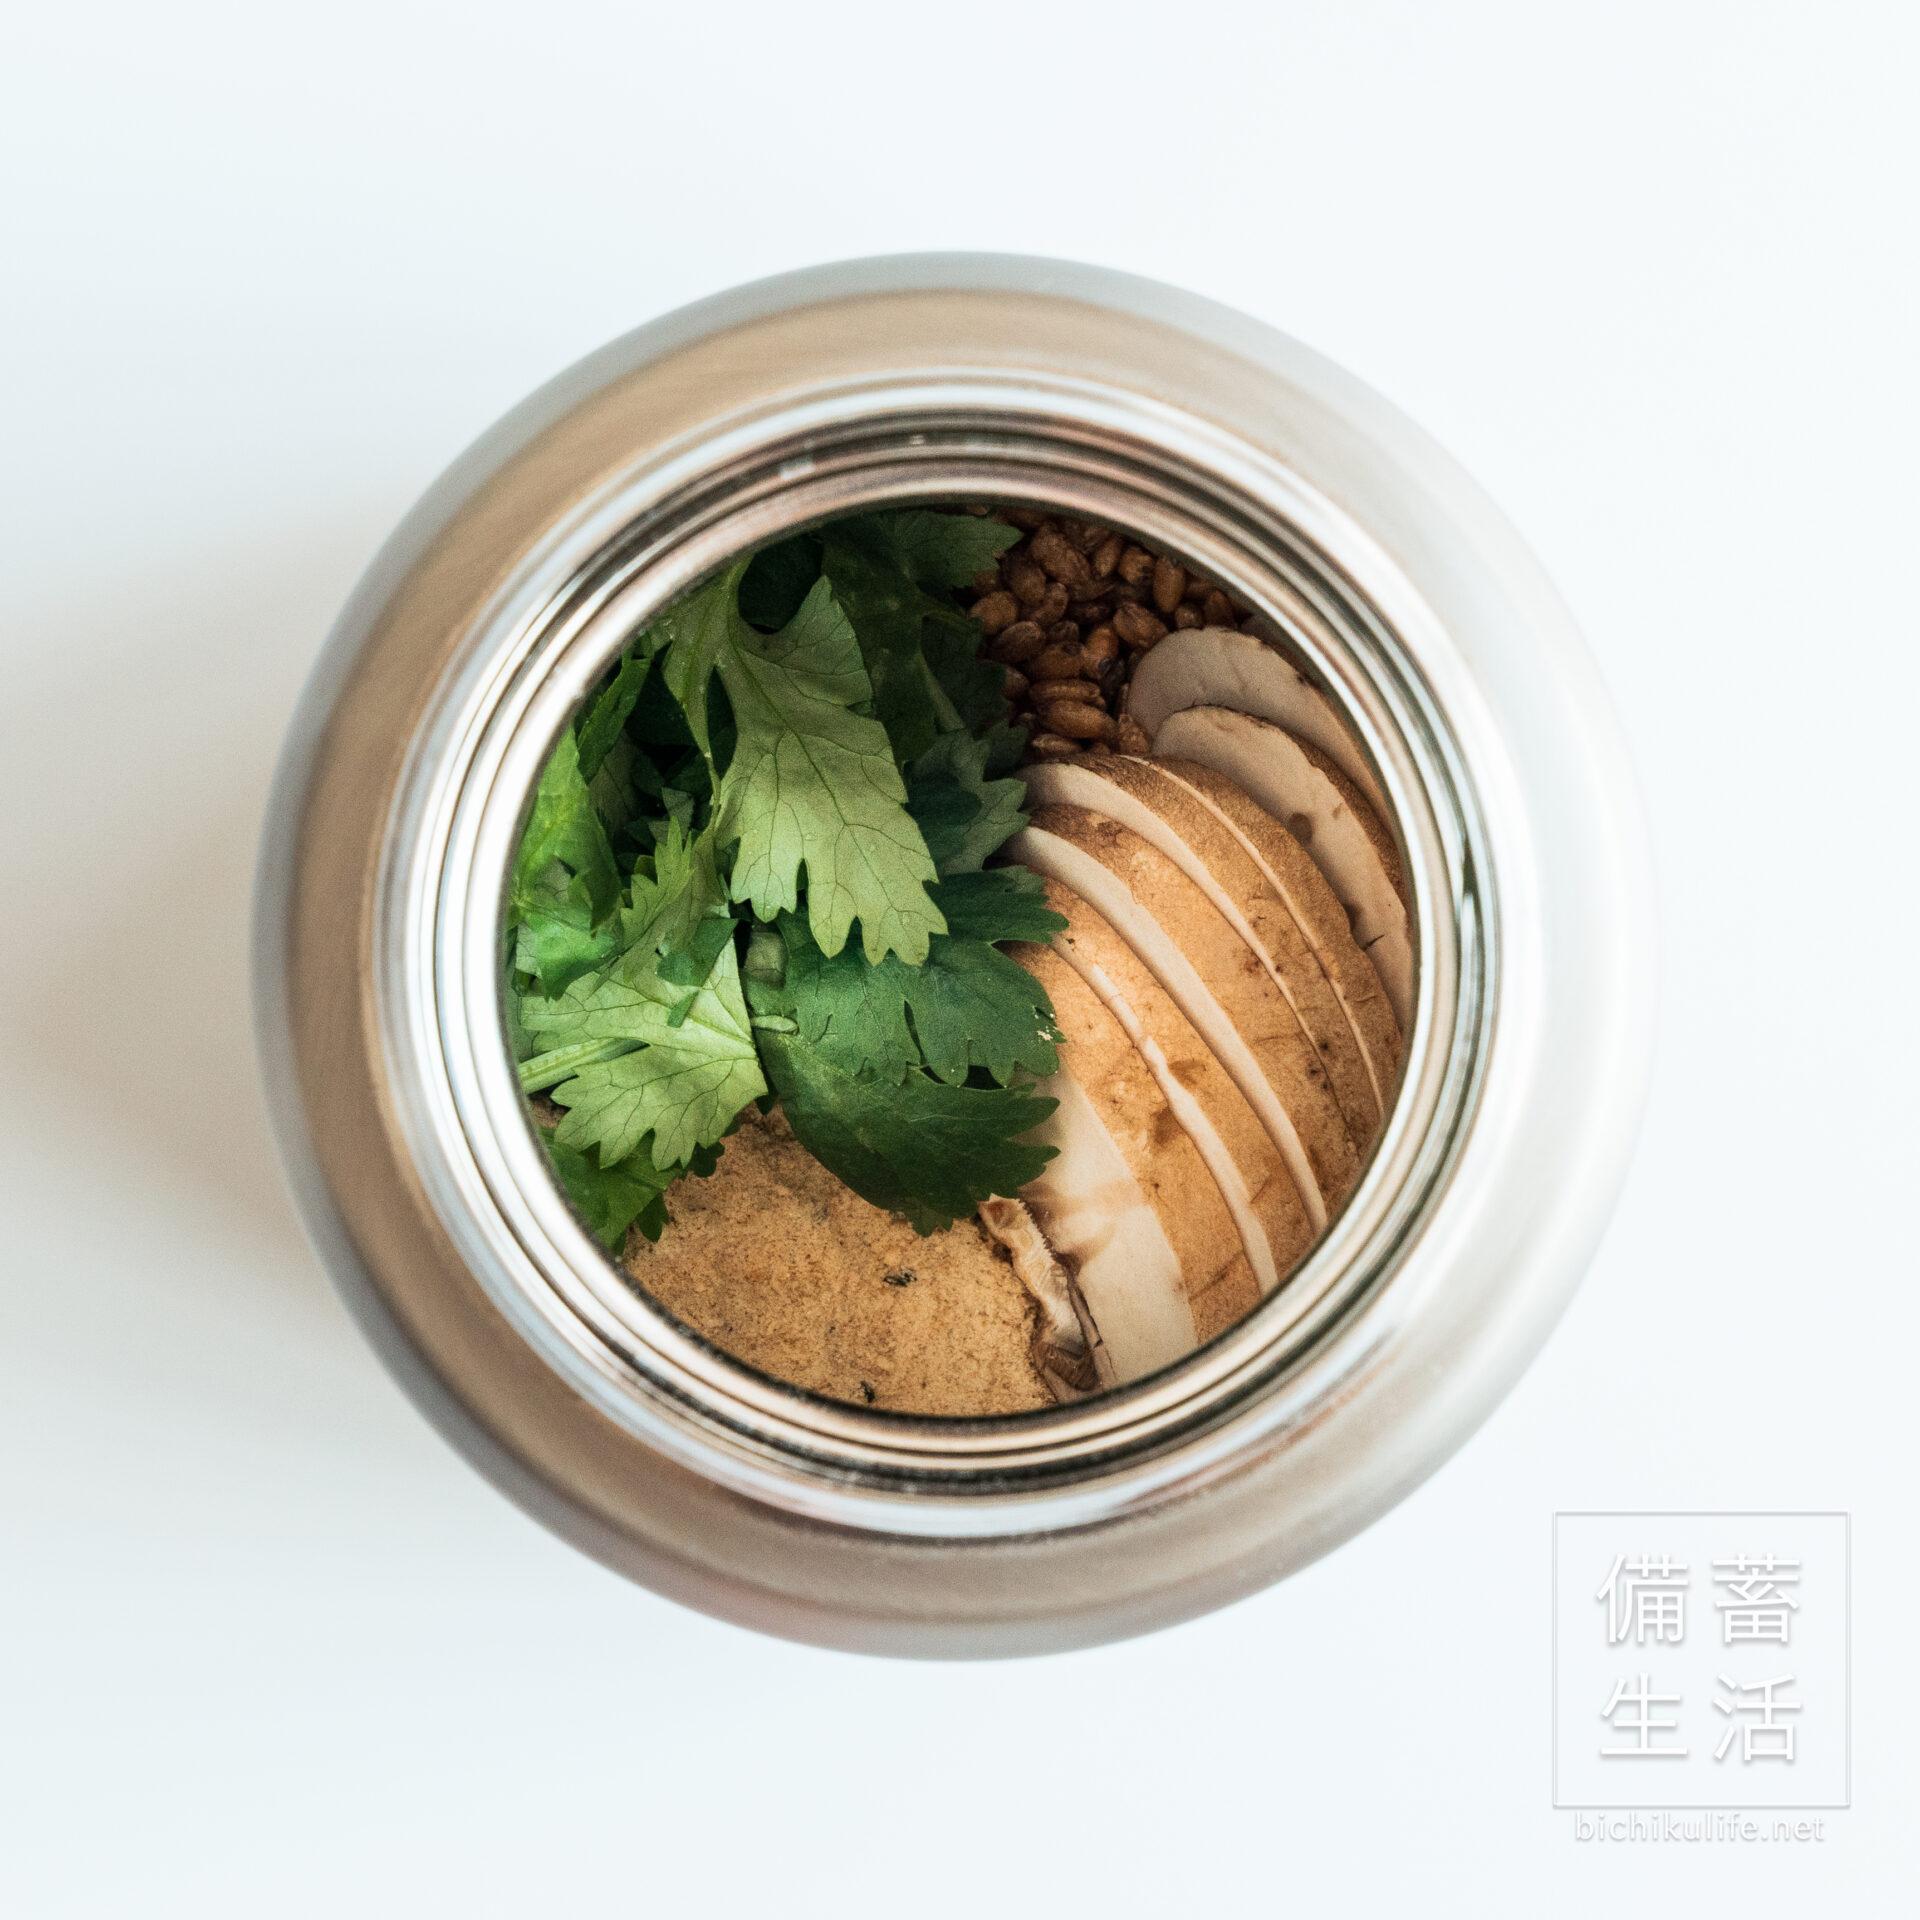 【タイ風】炒り玄米スープごはんの作り方・レシピ